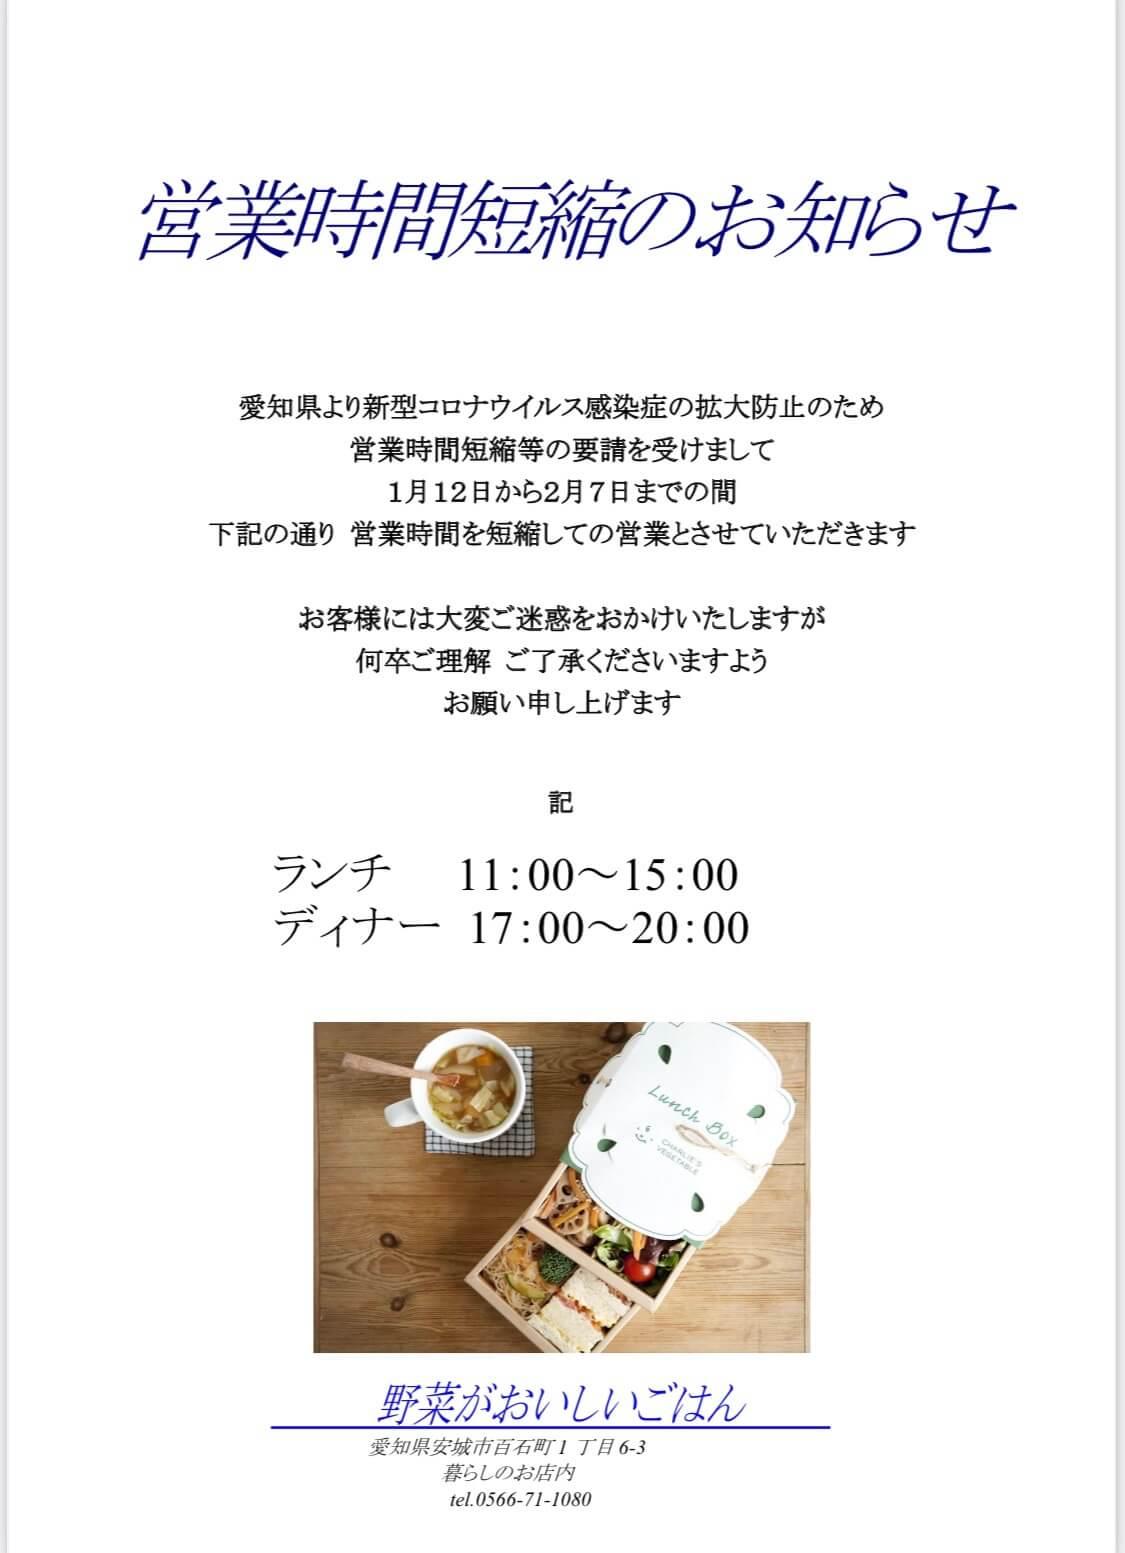 お知らせ|愛知県安城市 暮らしのお店営業時間の変更のお知らせ